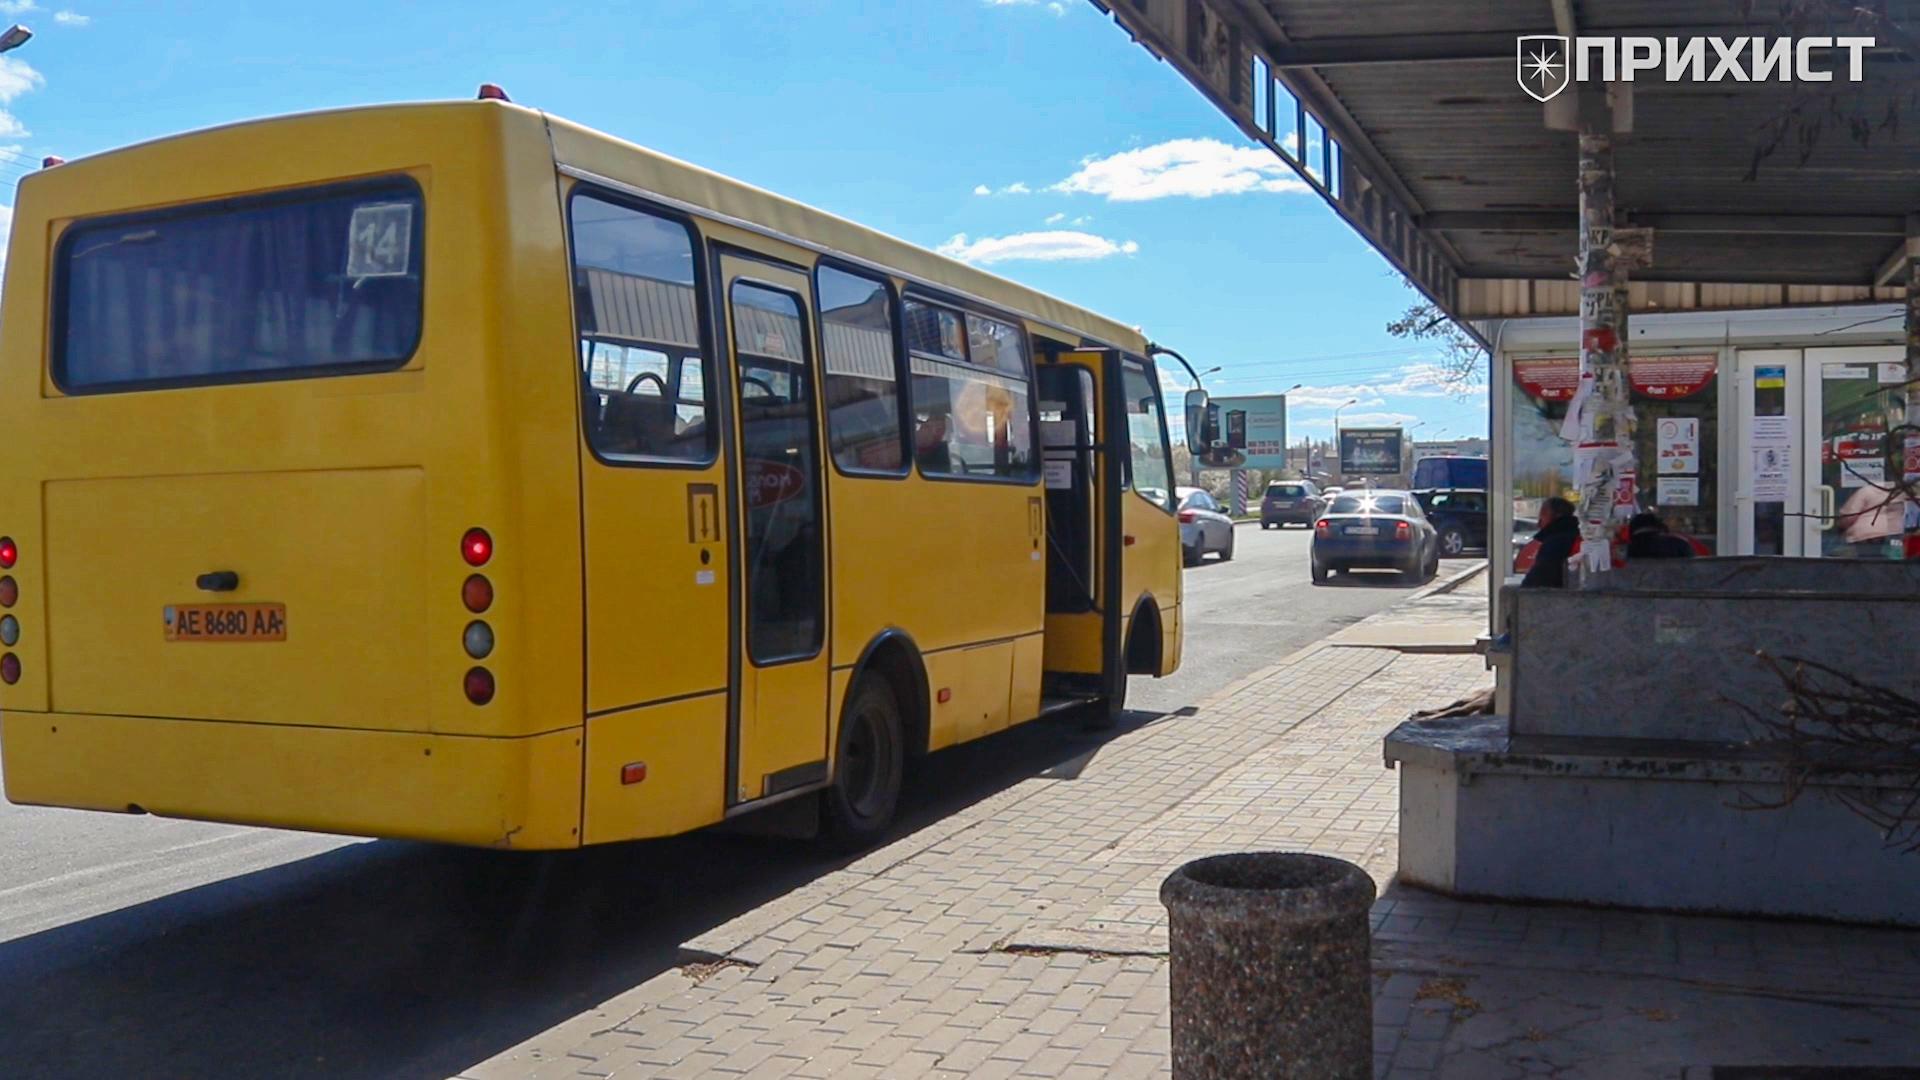 Кабмін схвалив законопроект про монетизацію пільг у громадському транспорті | Прихист